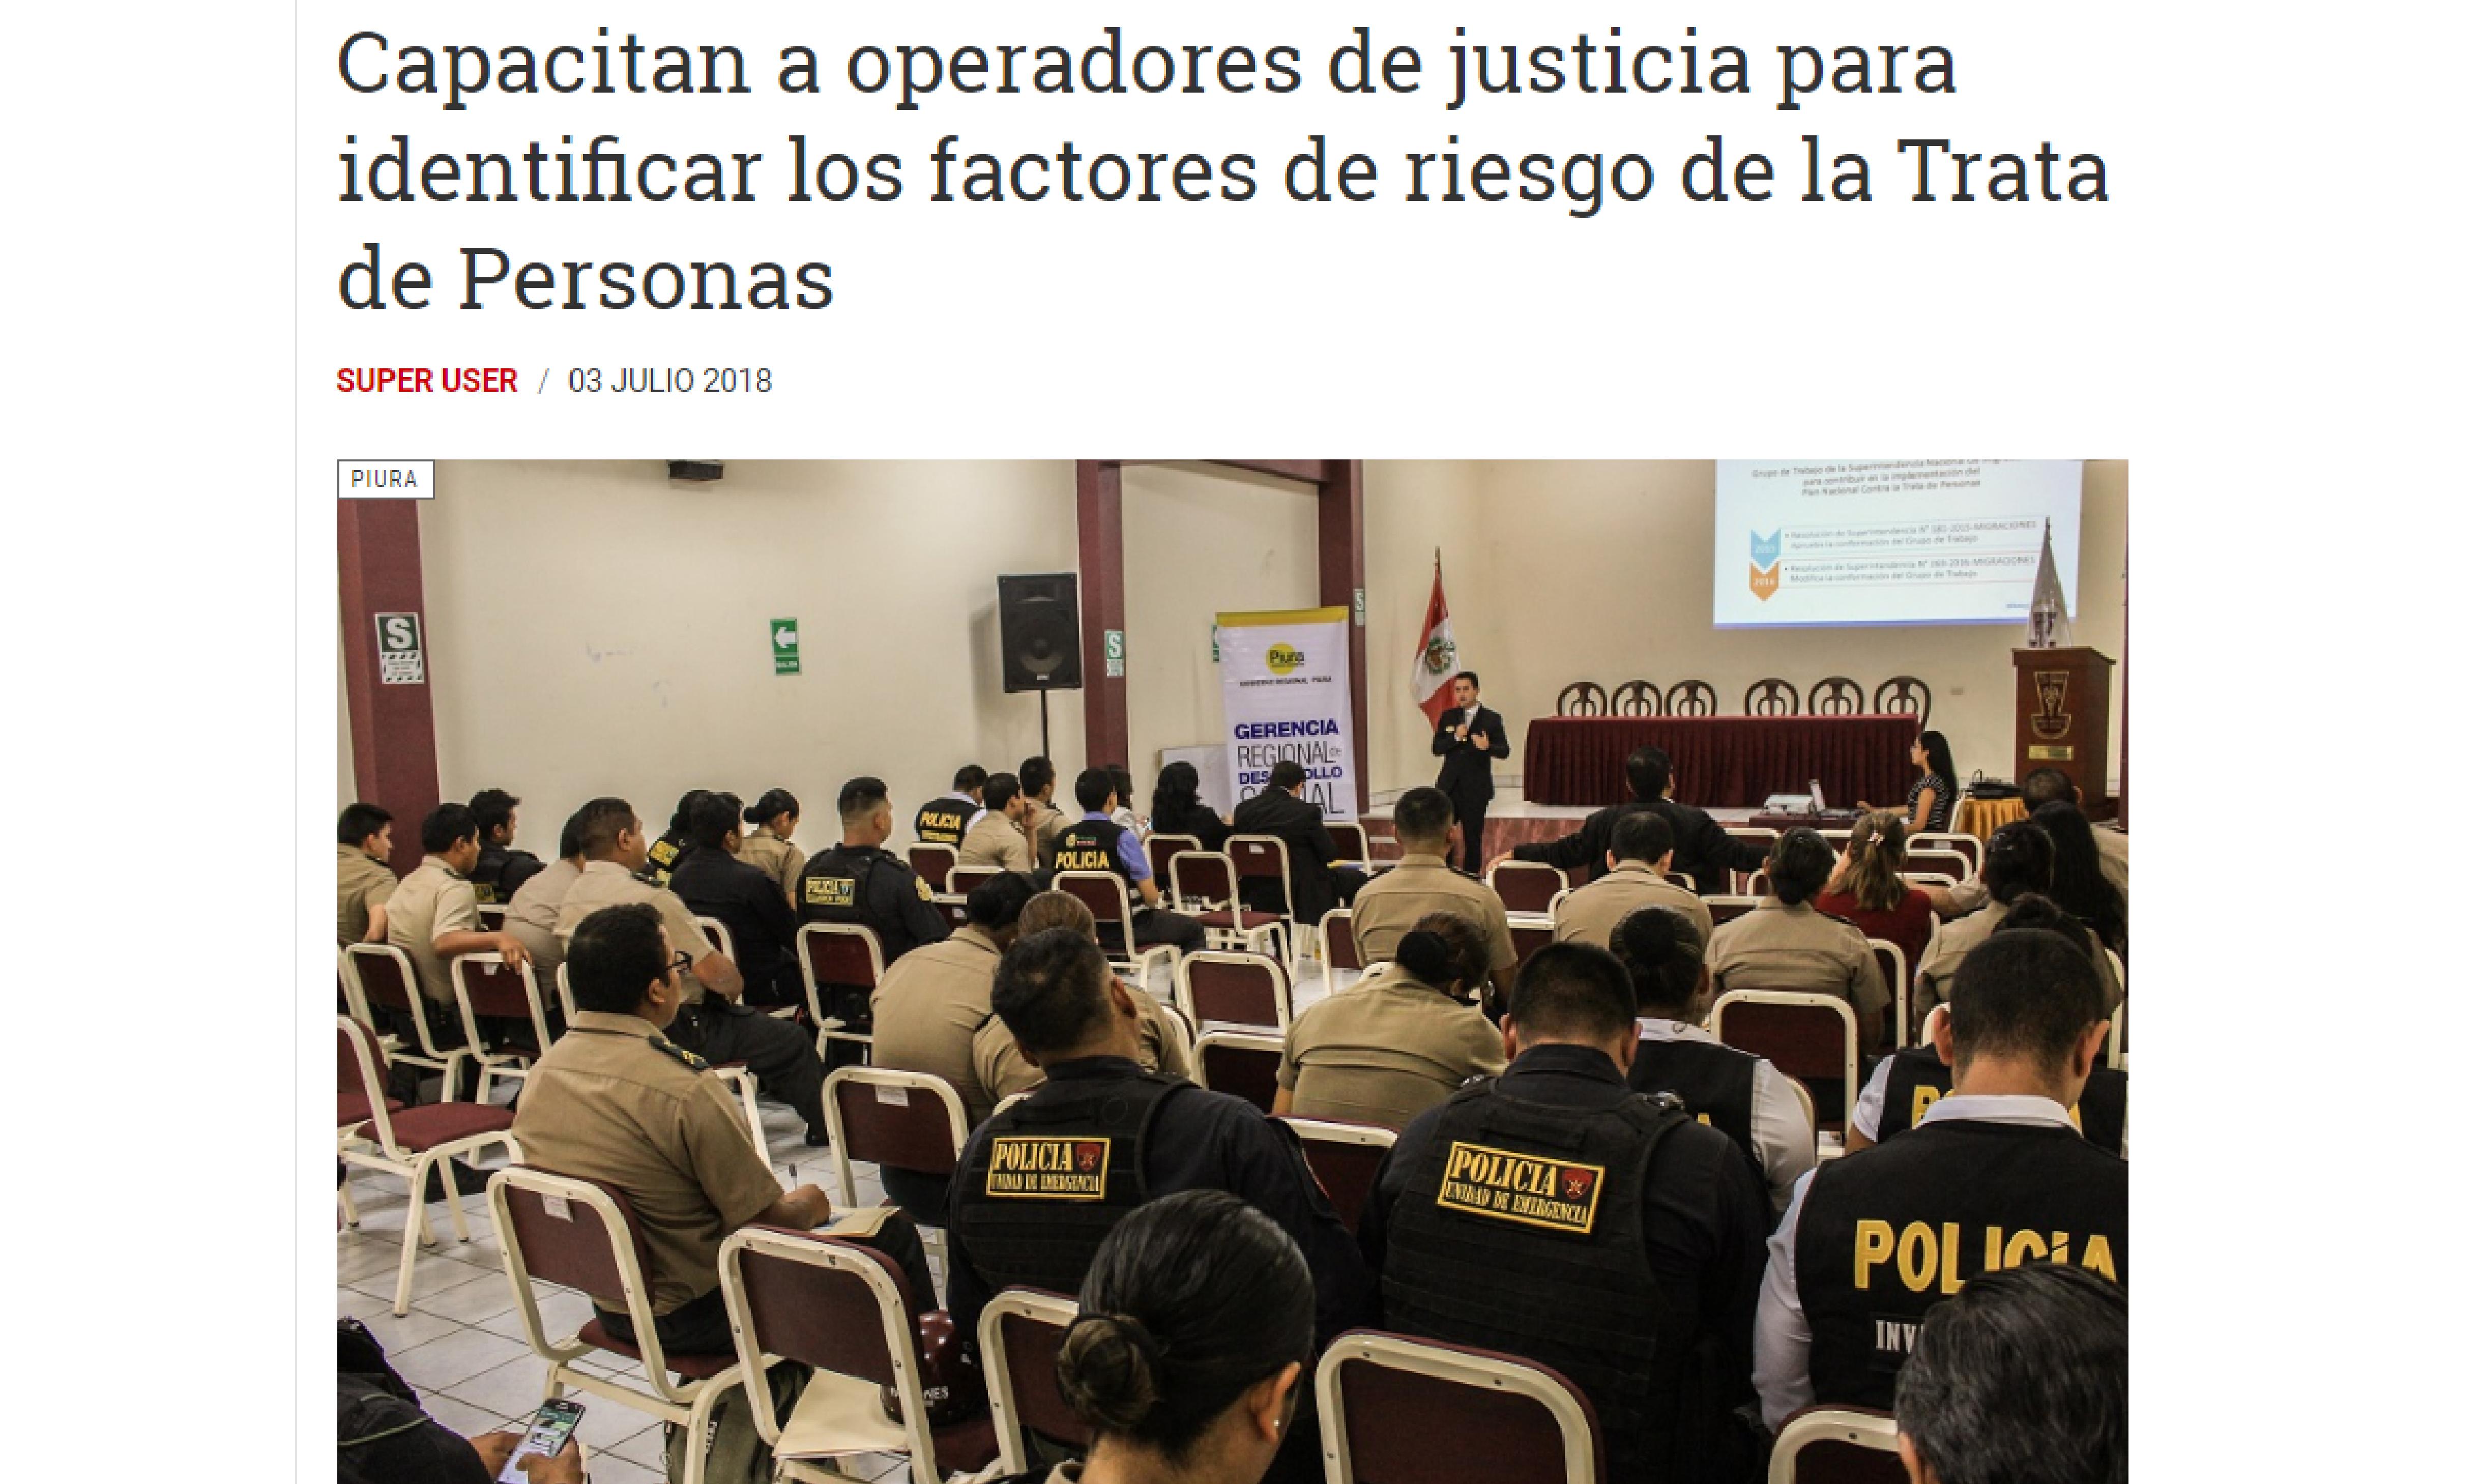 Capacitan a operadores de justicia para identificar los factores de riesgo de la Trata de Personas